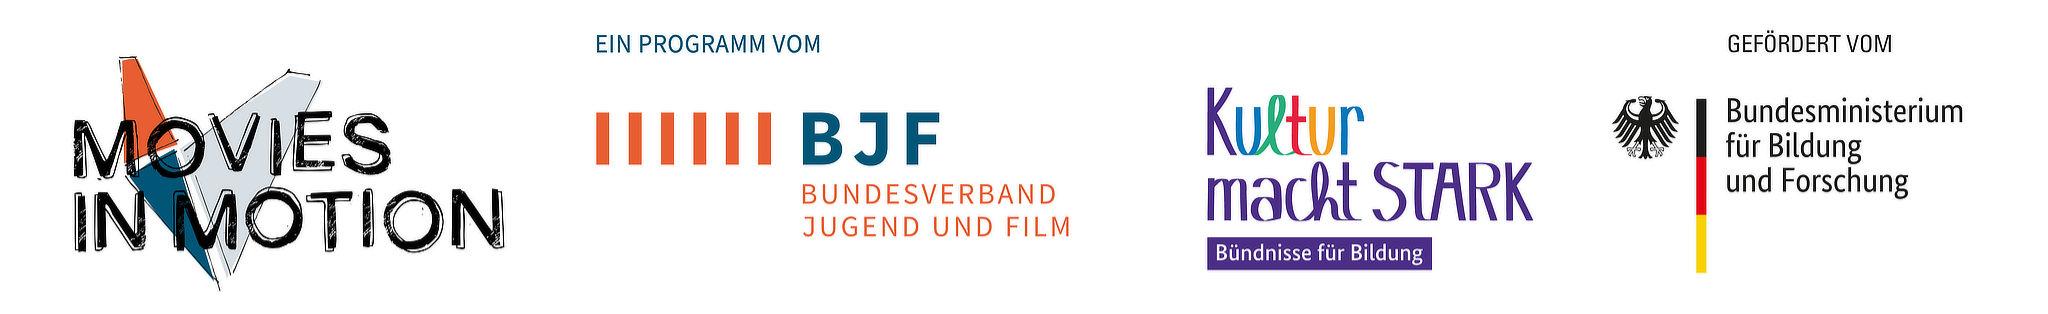 Movies in Motion - BJF - Kultur macht stark - BM für Bildung und Forschung